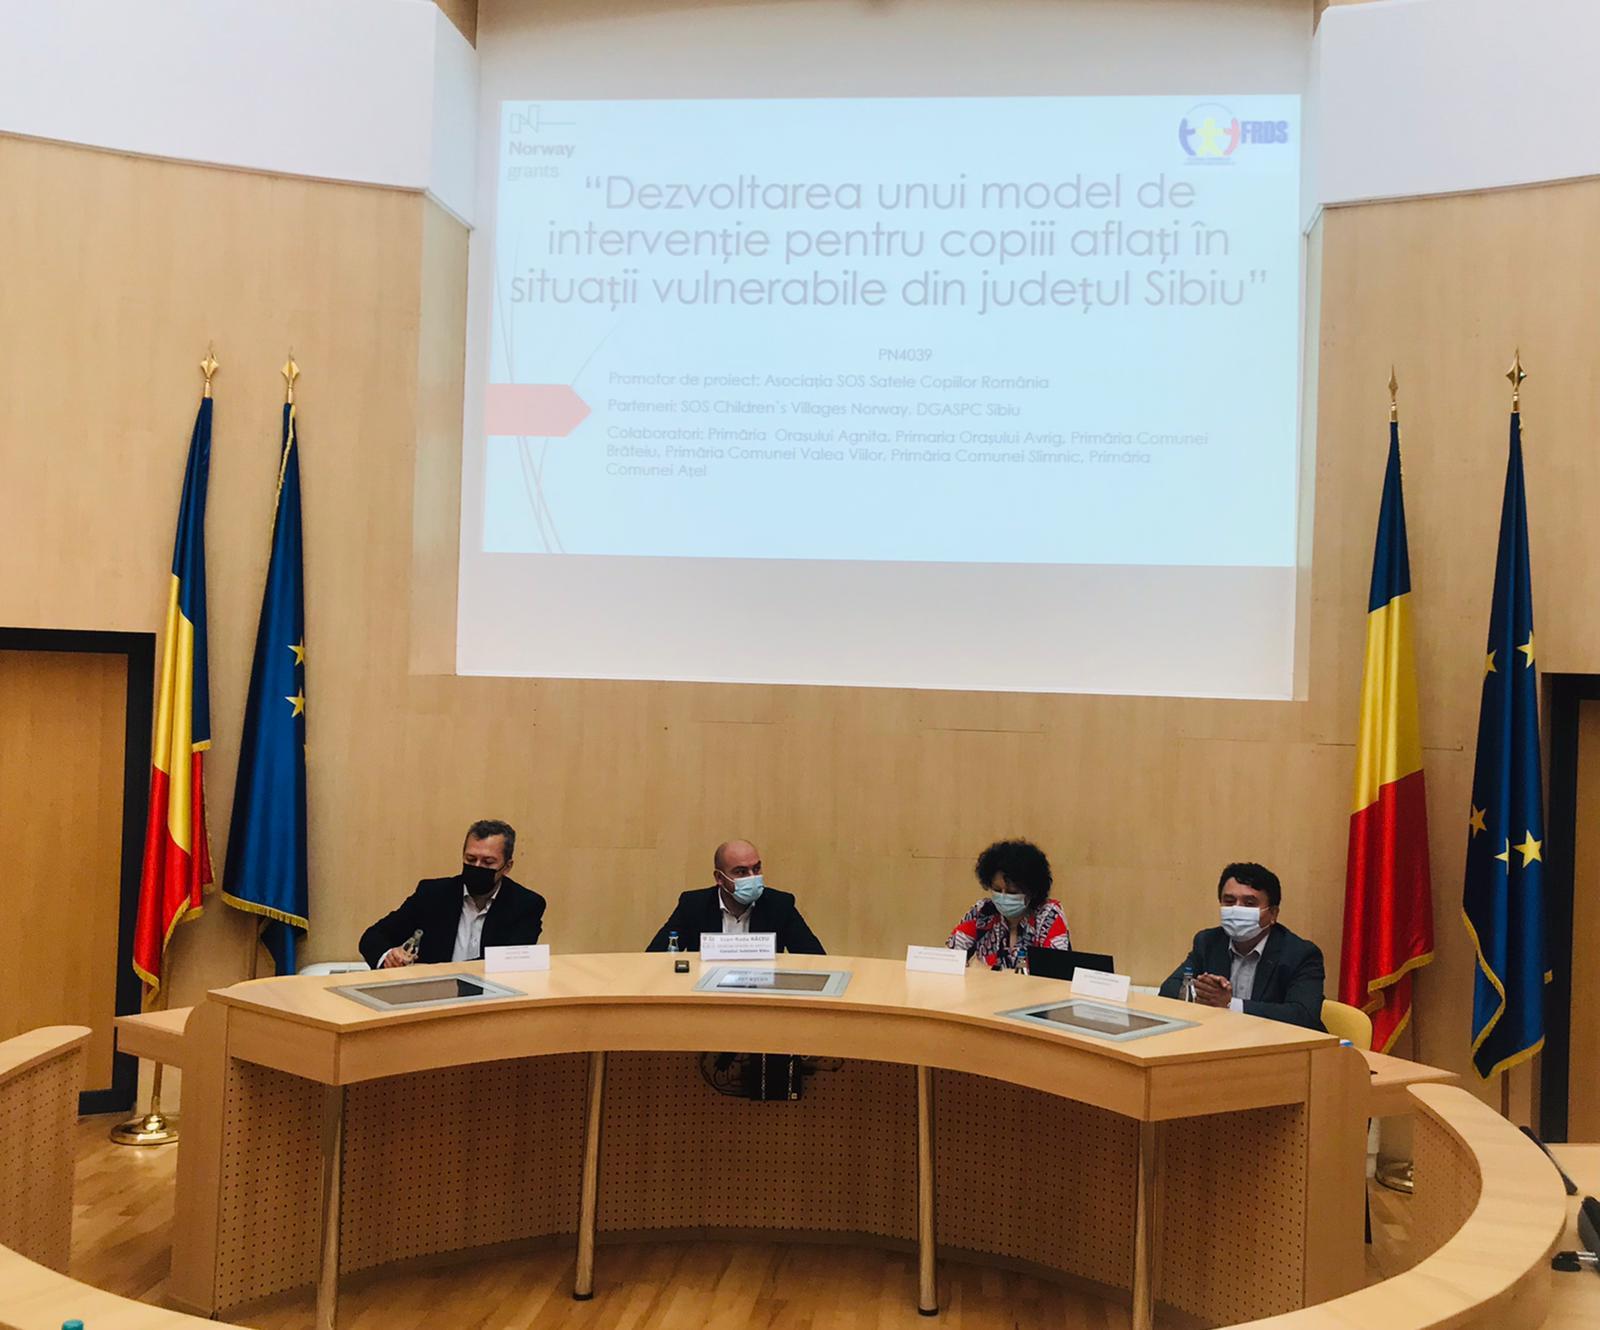 300 de copii din familii vulnerabile din județul Sibiu vor beneficia de servicii sociale și educaționale